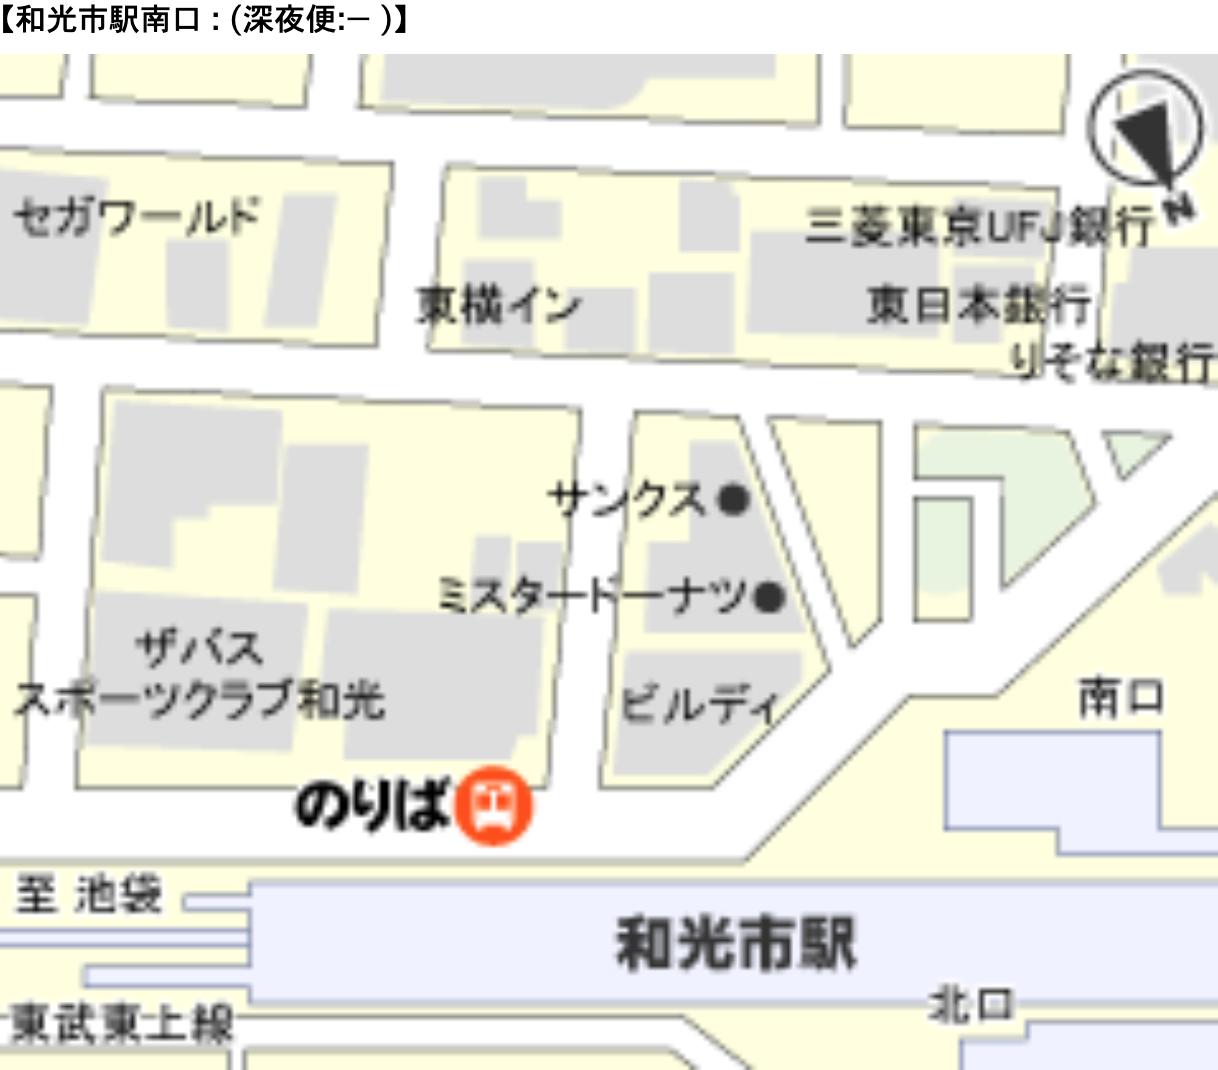 空港バス 和光市駅 案内図